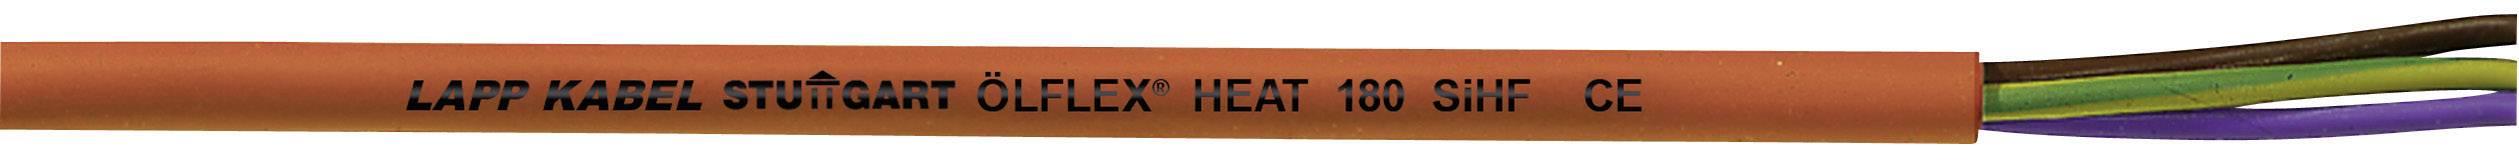 Vysokoteplotné vedenie LappKabel ÖLFLEX® HEAT 180 SIHF 0046001, 2 x 0.75 mm², vonkajší Ø 6.40 mm, 500 V, metrový tovar, červená, hnedá